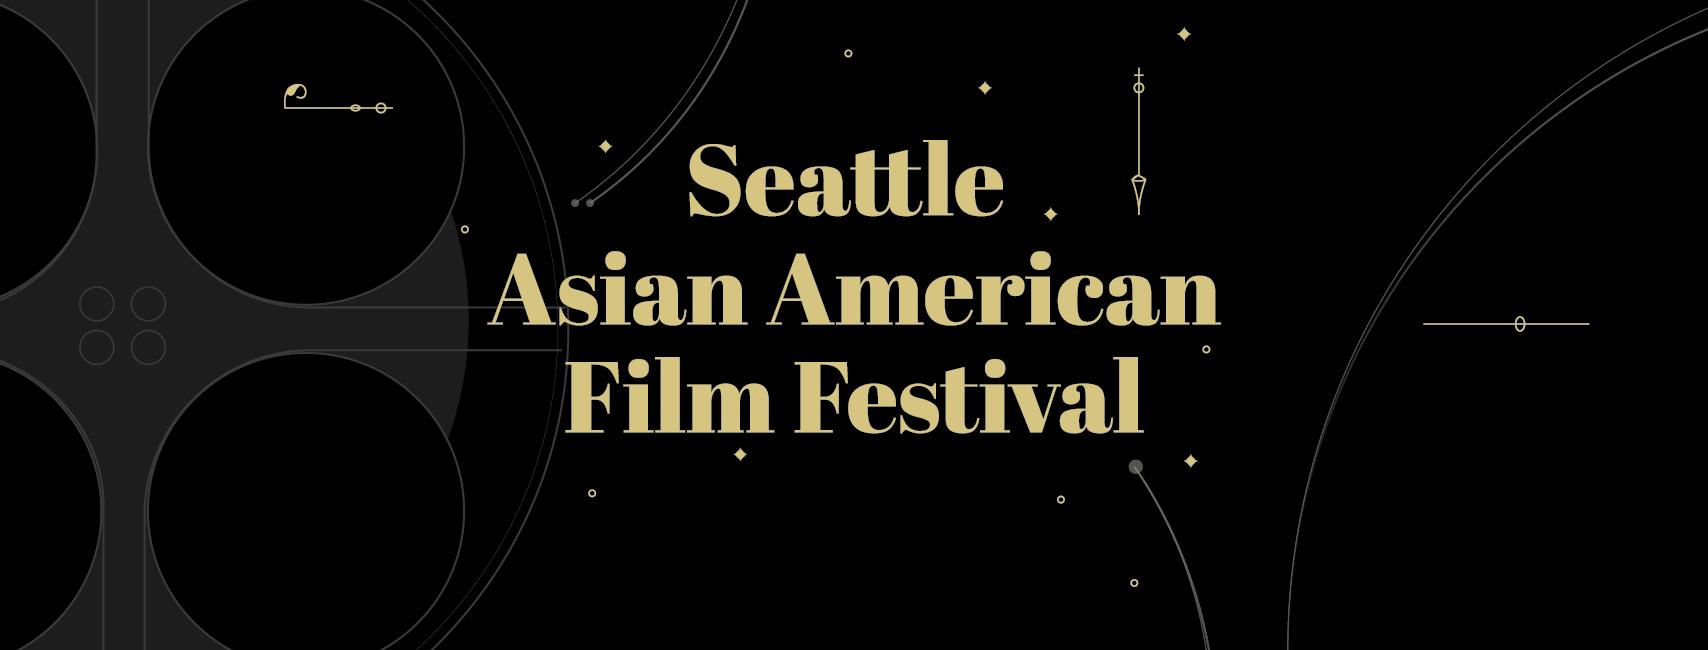 2017 Seattle Asian American Film Festival